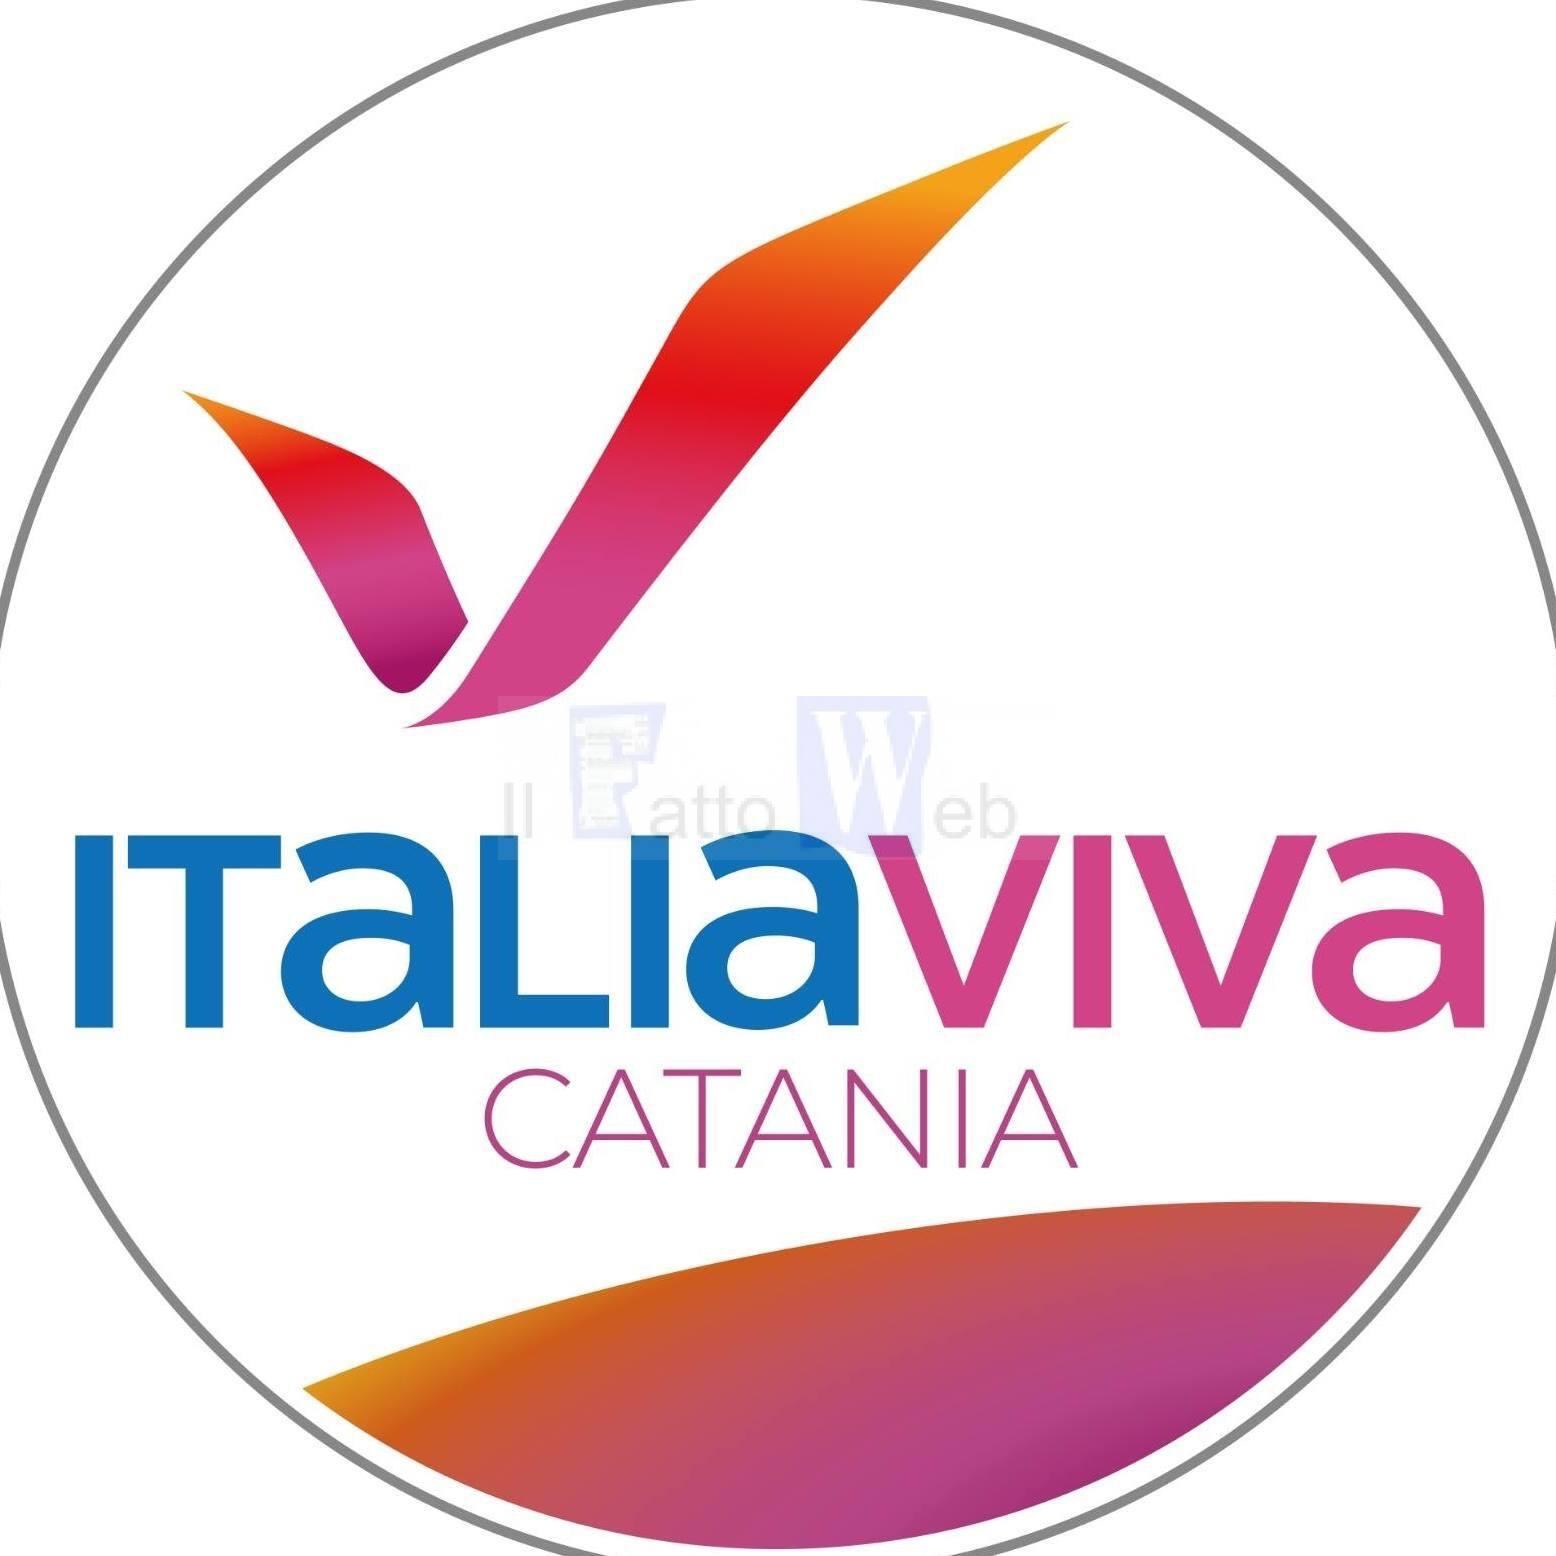 """EMERGENZA CORONAVIRUS, ITALIA VIVA CATANIA: """"Ancora troppi assembramenti! Occorre un maggiore coordinamento"""""""